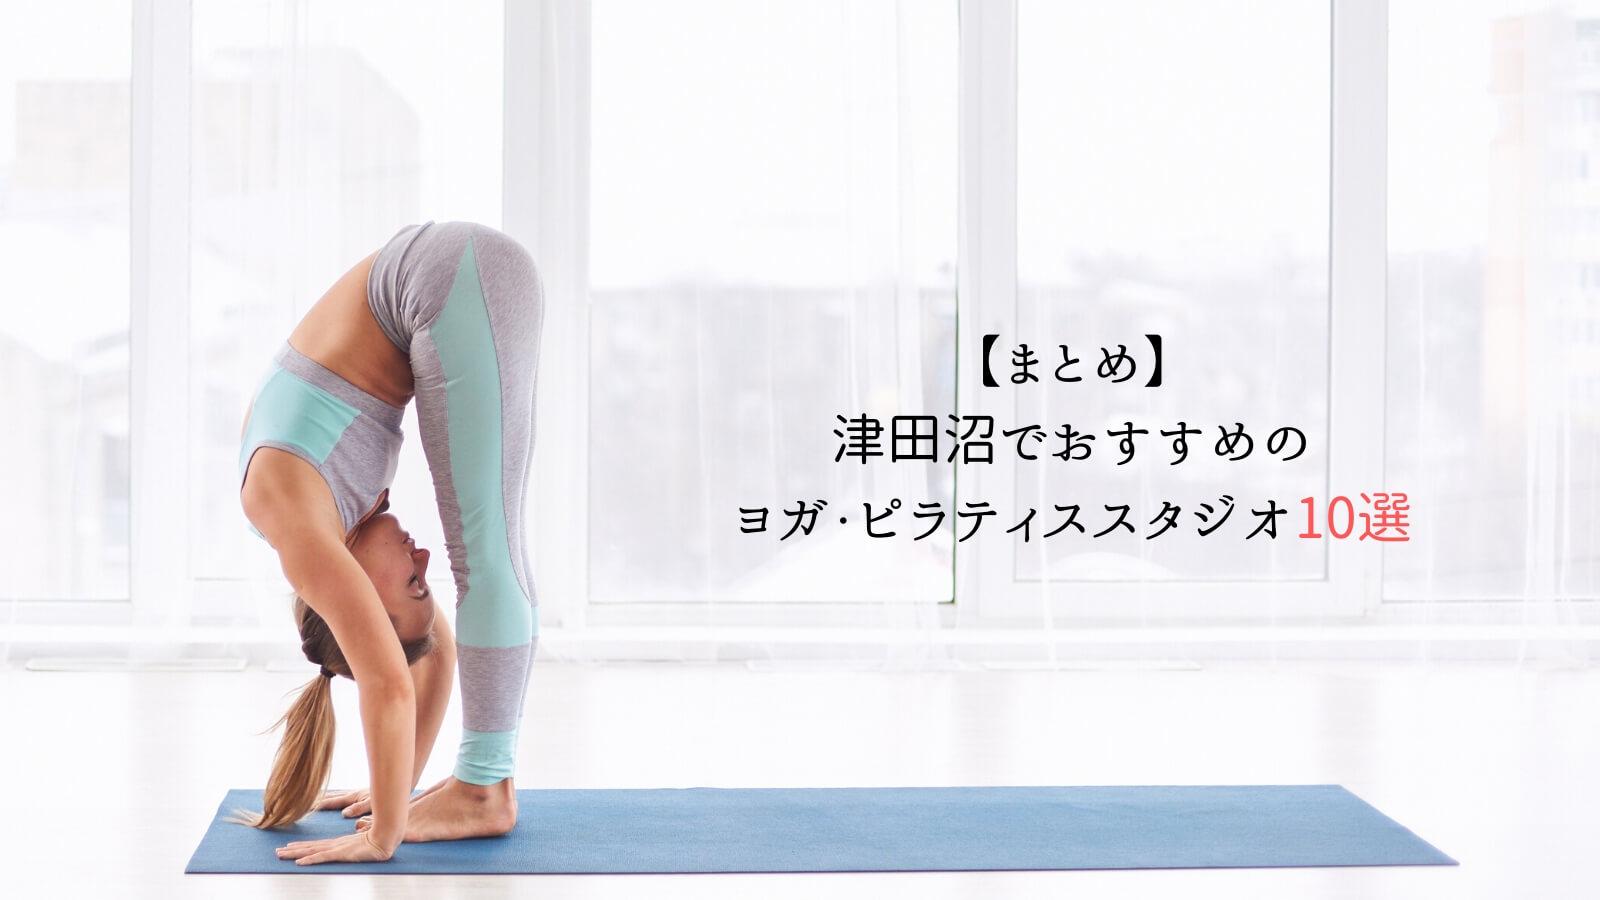 【まとめ】津田沼でおすすめのヨガ・ピラティススタジオ10選